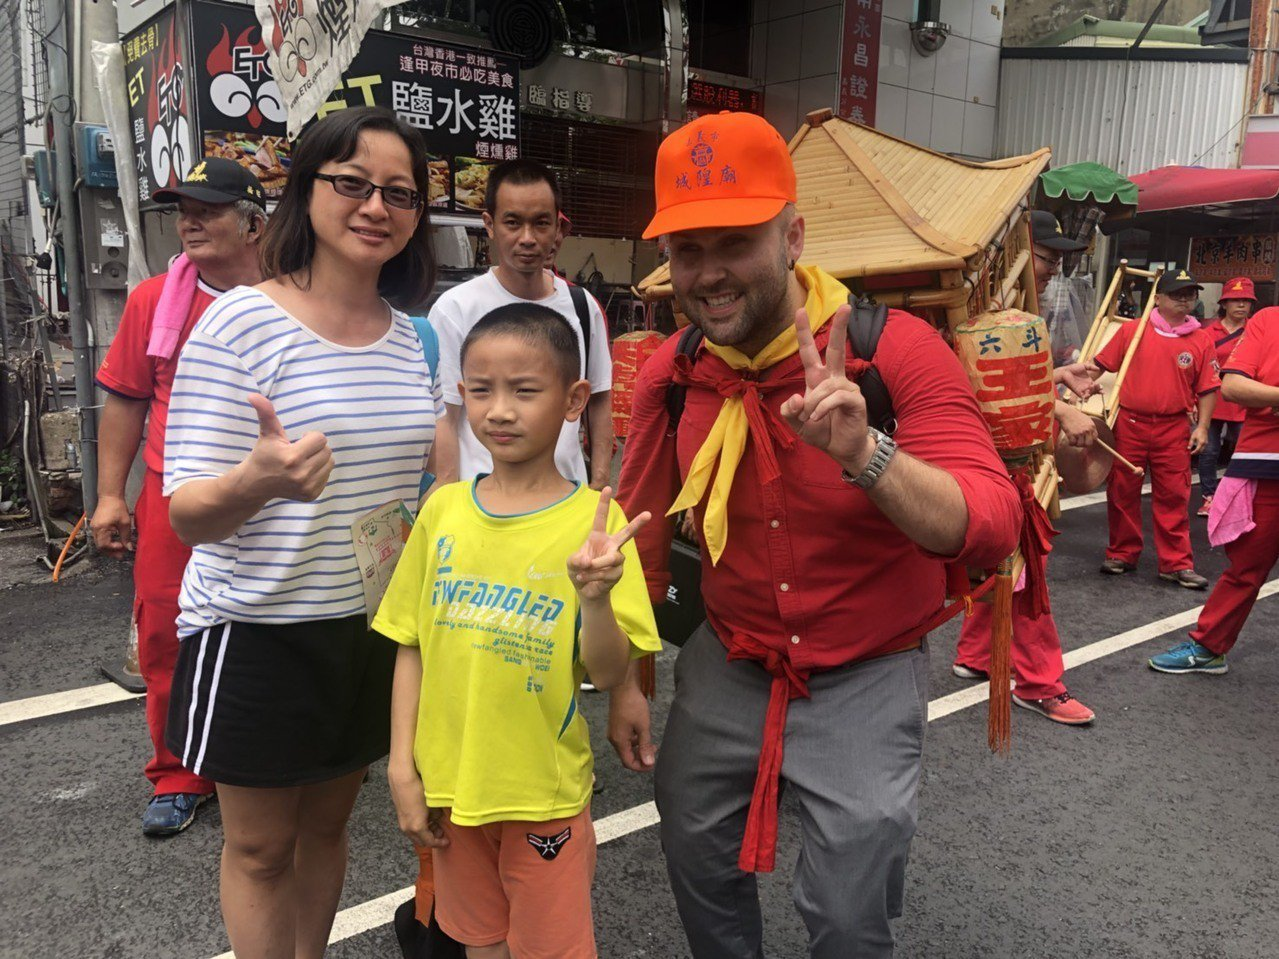 29歲的瑞德是虔誠的媽祖信徒,今天幫忙背神像,讓台灣人都爭相與他拍照。記者李承穎...